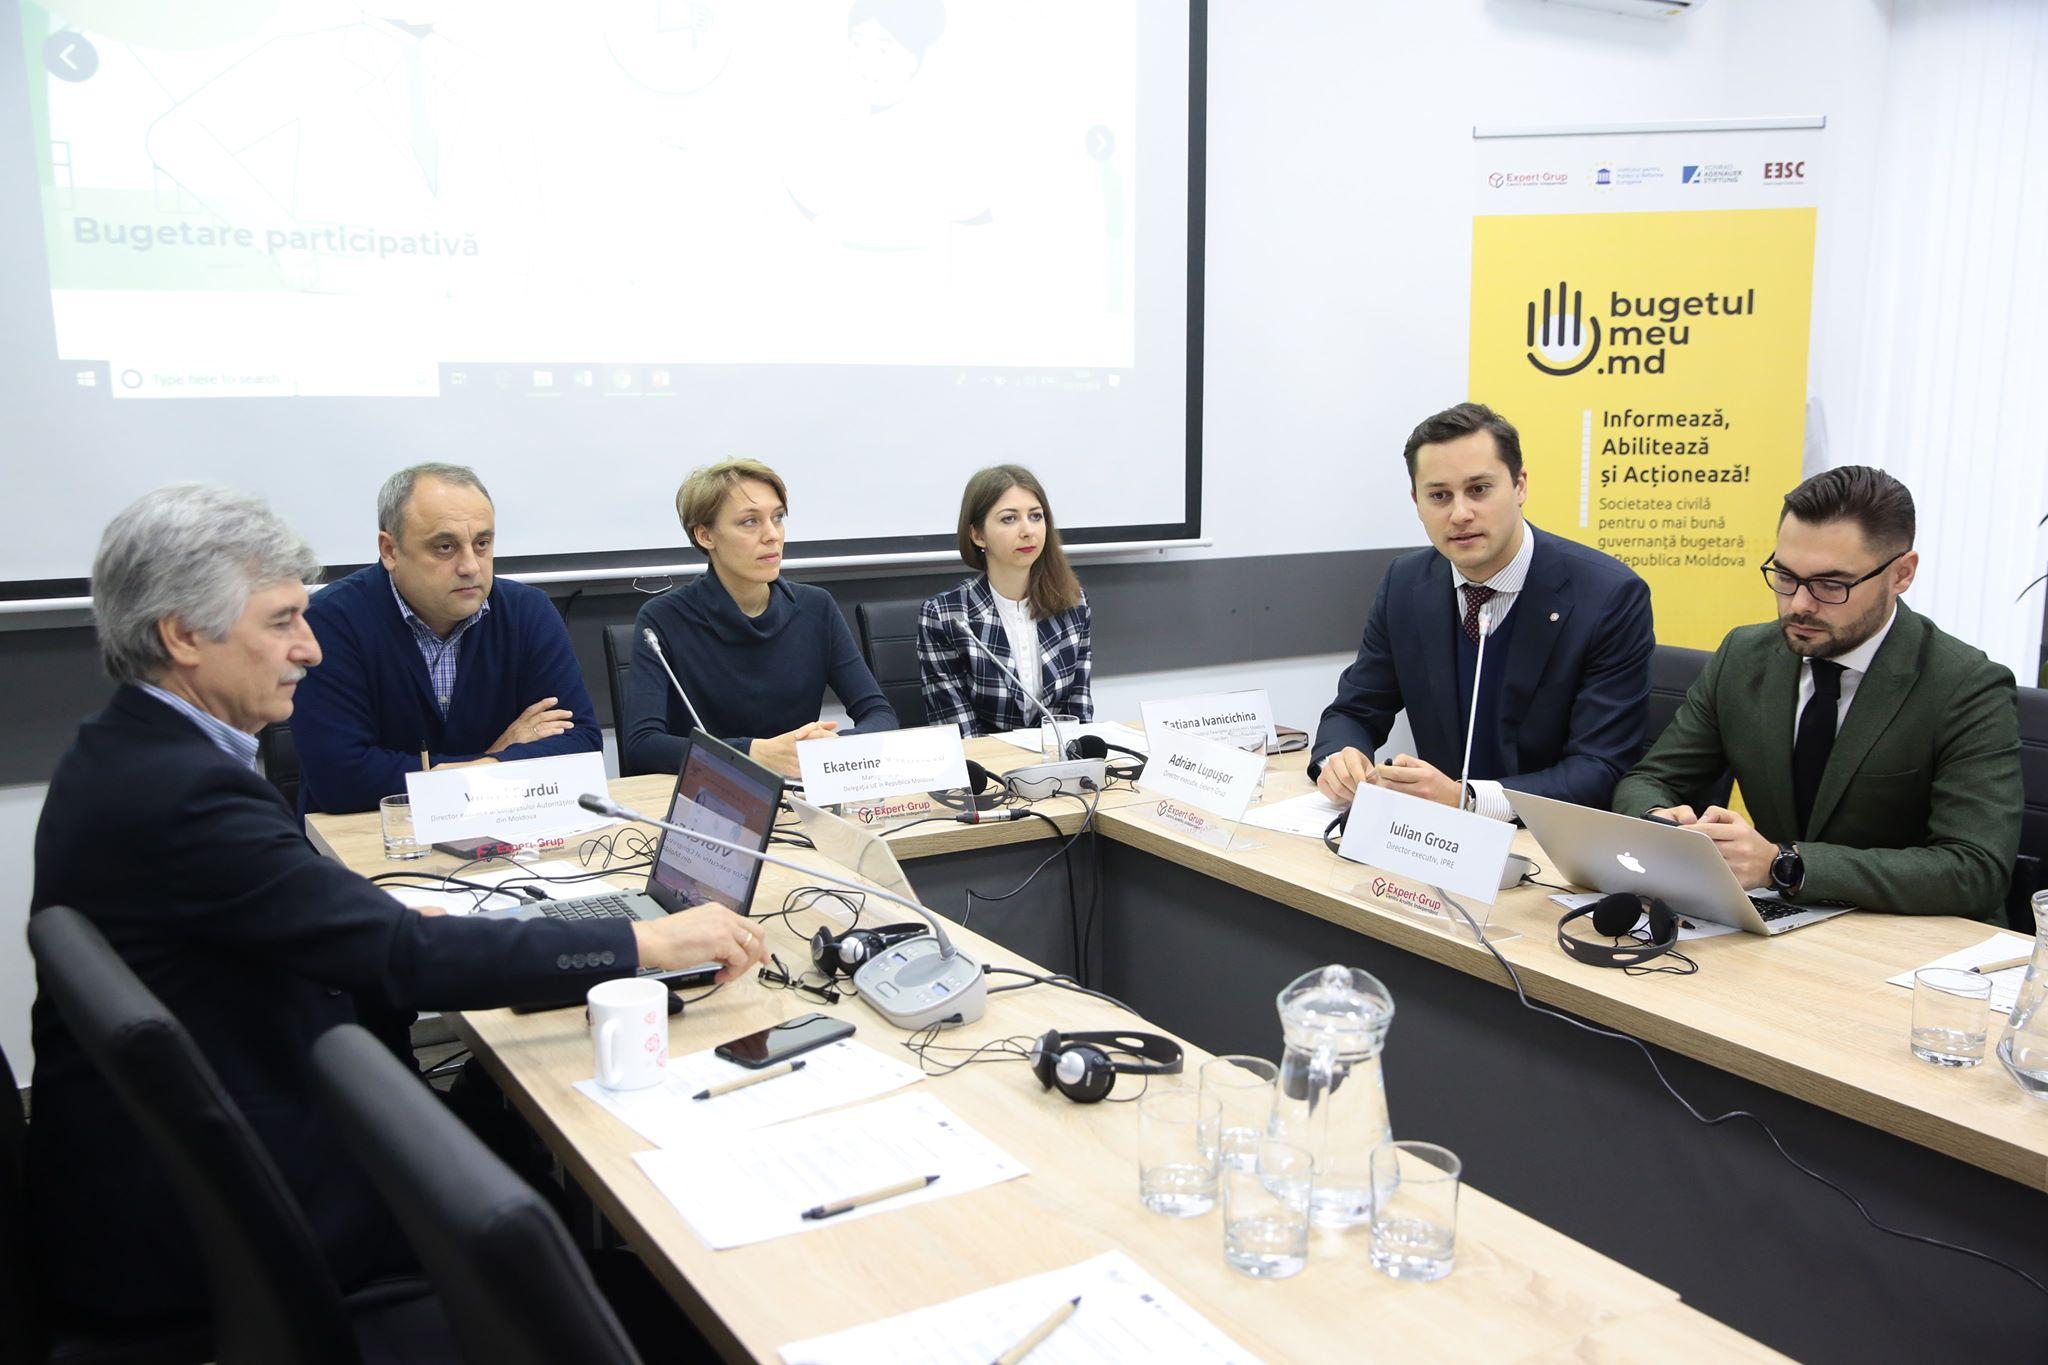 A fost lansat un proiect privind creșterea eficacității procesului bugetar prin participarea cetățenilor și societății civile